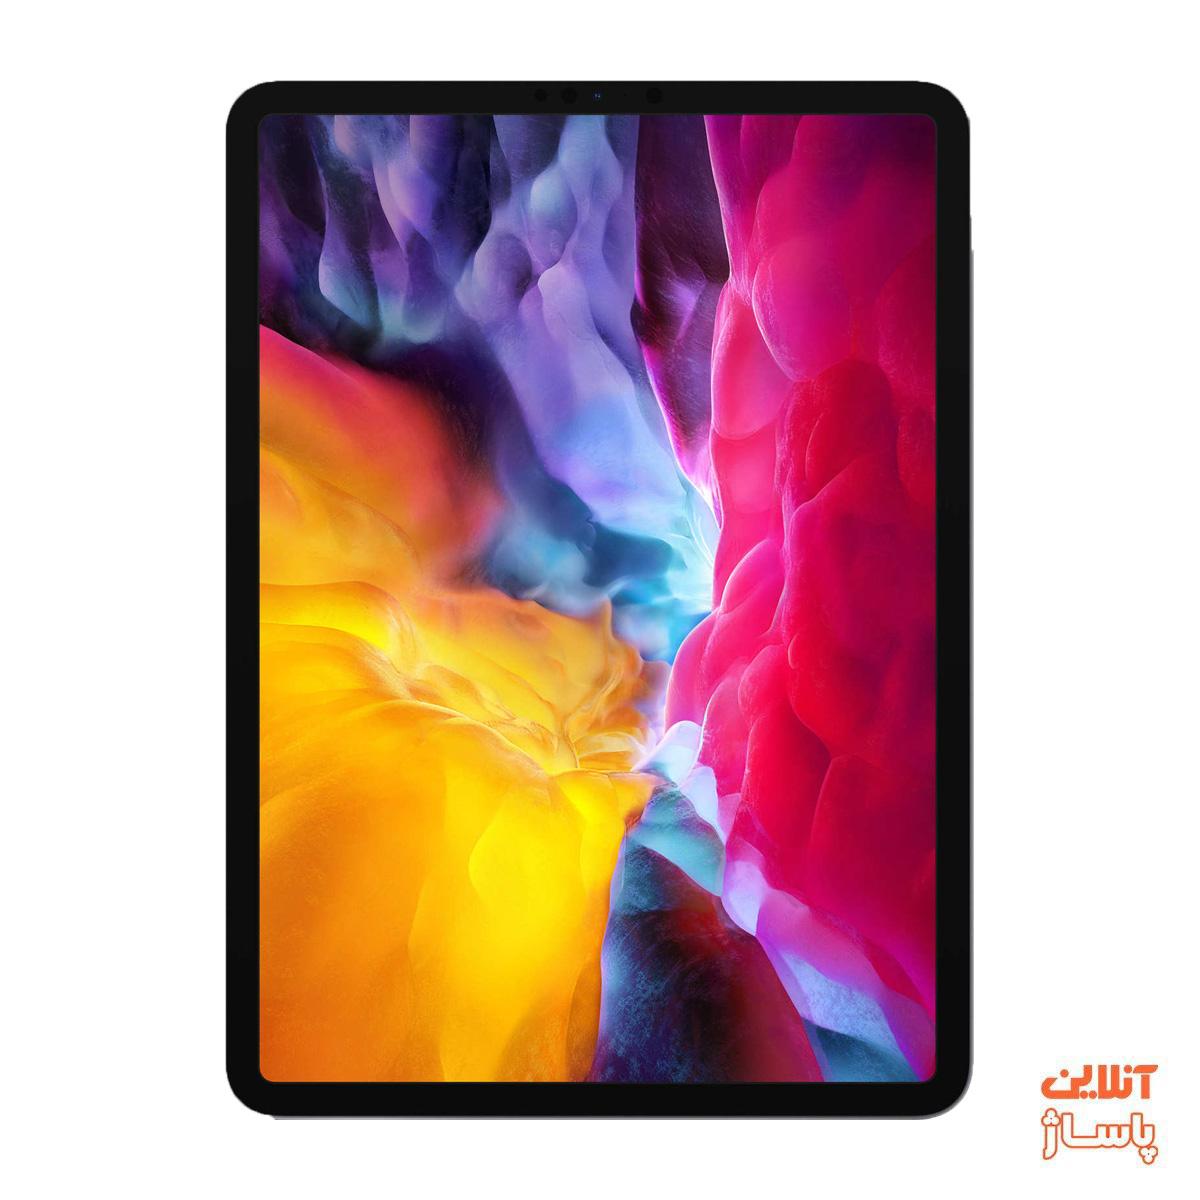 تبلت اپل مدل iPad Pro 11 inch 2020 WiFi ظرفیت 512 گیگابایت